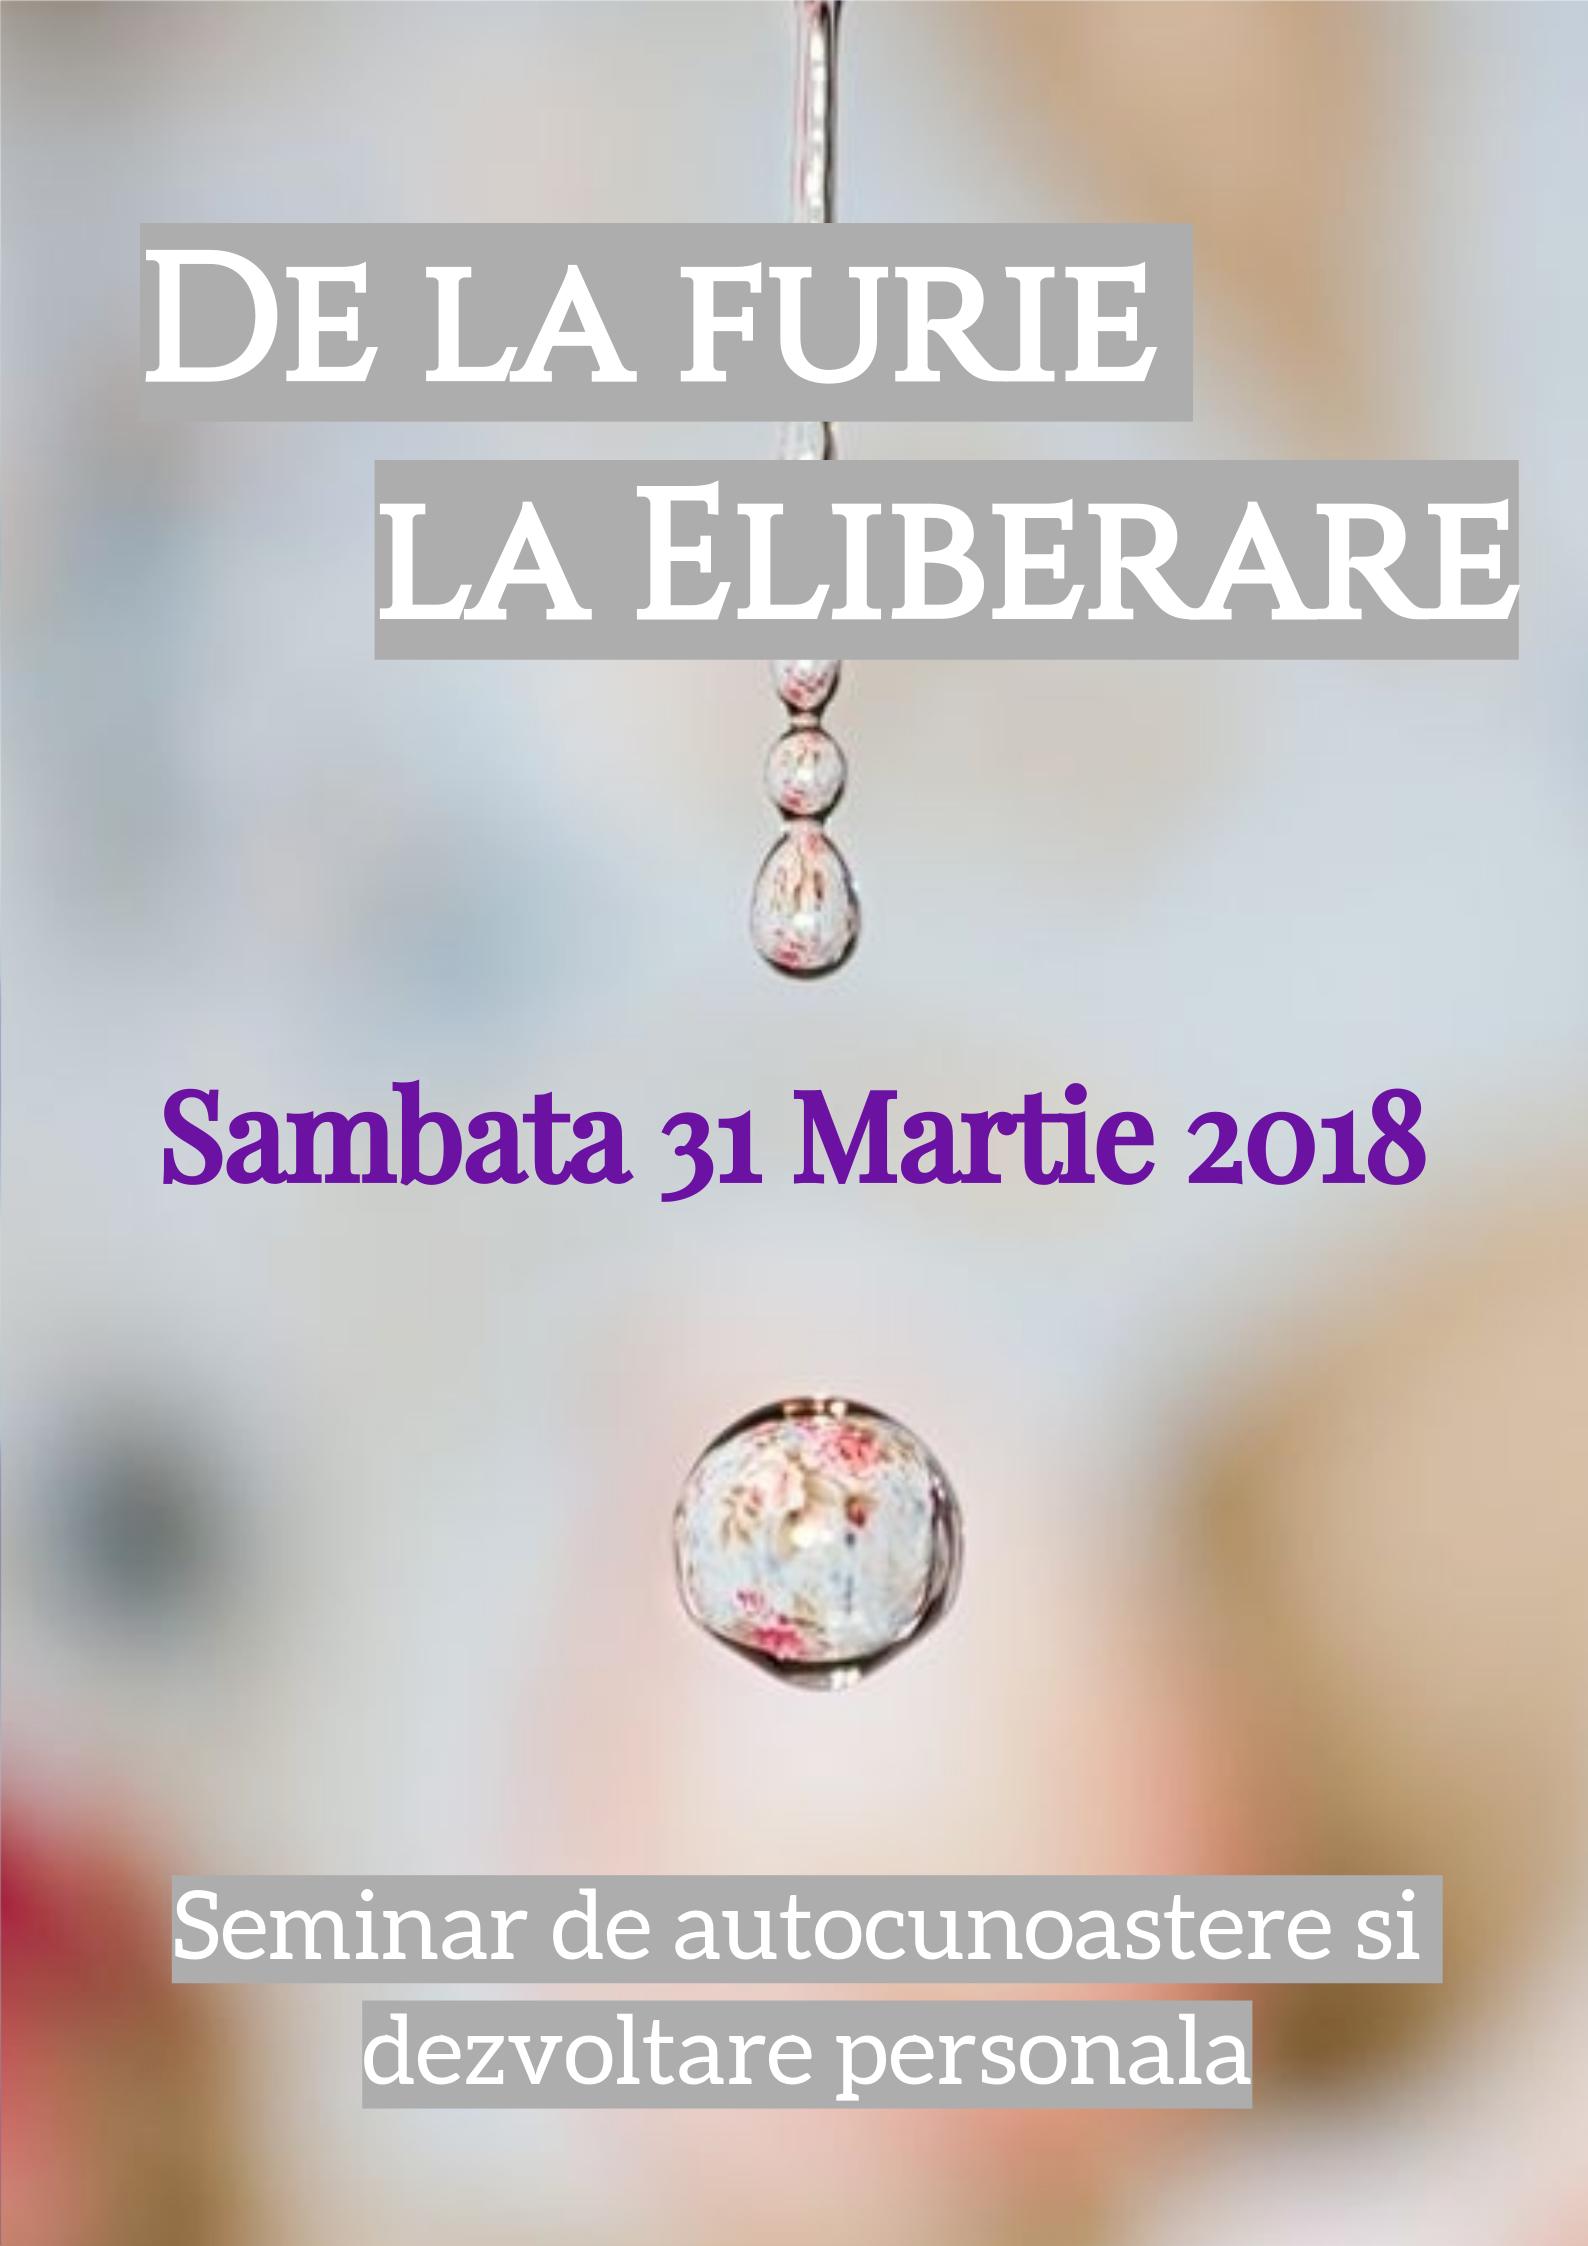 SEMINAR 31 MARTIE 2018